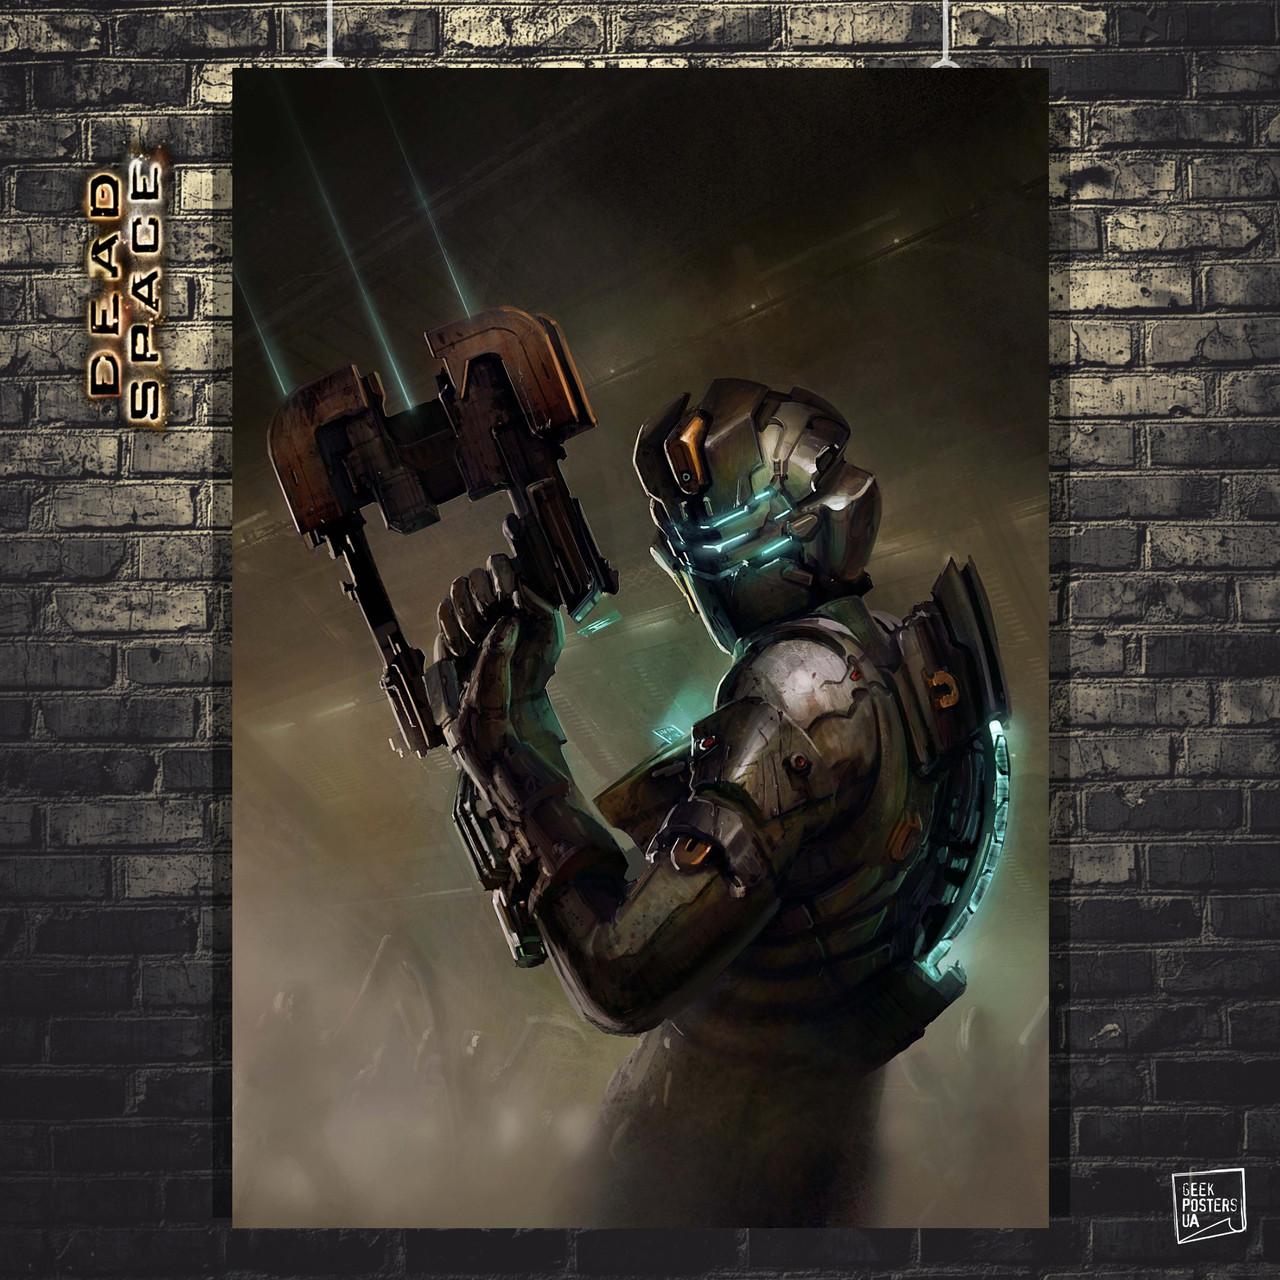 Постер Dead Space, Мёртвый космос, Айзек Кларк. Размер 60x43см (A2). Глянцевая бумага